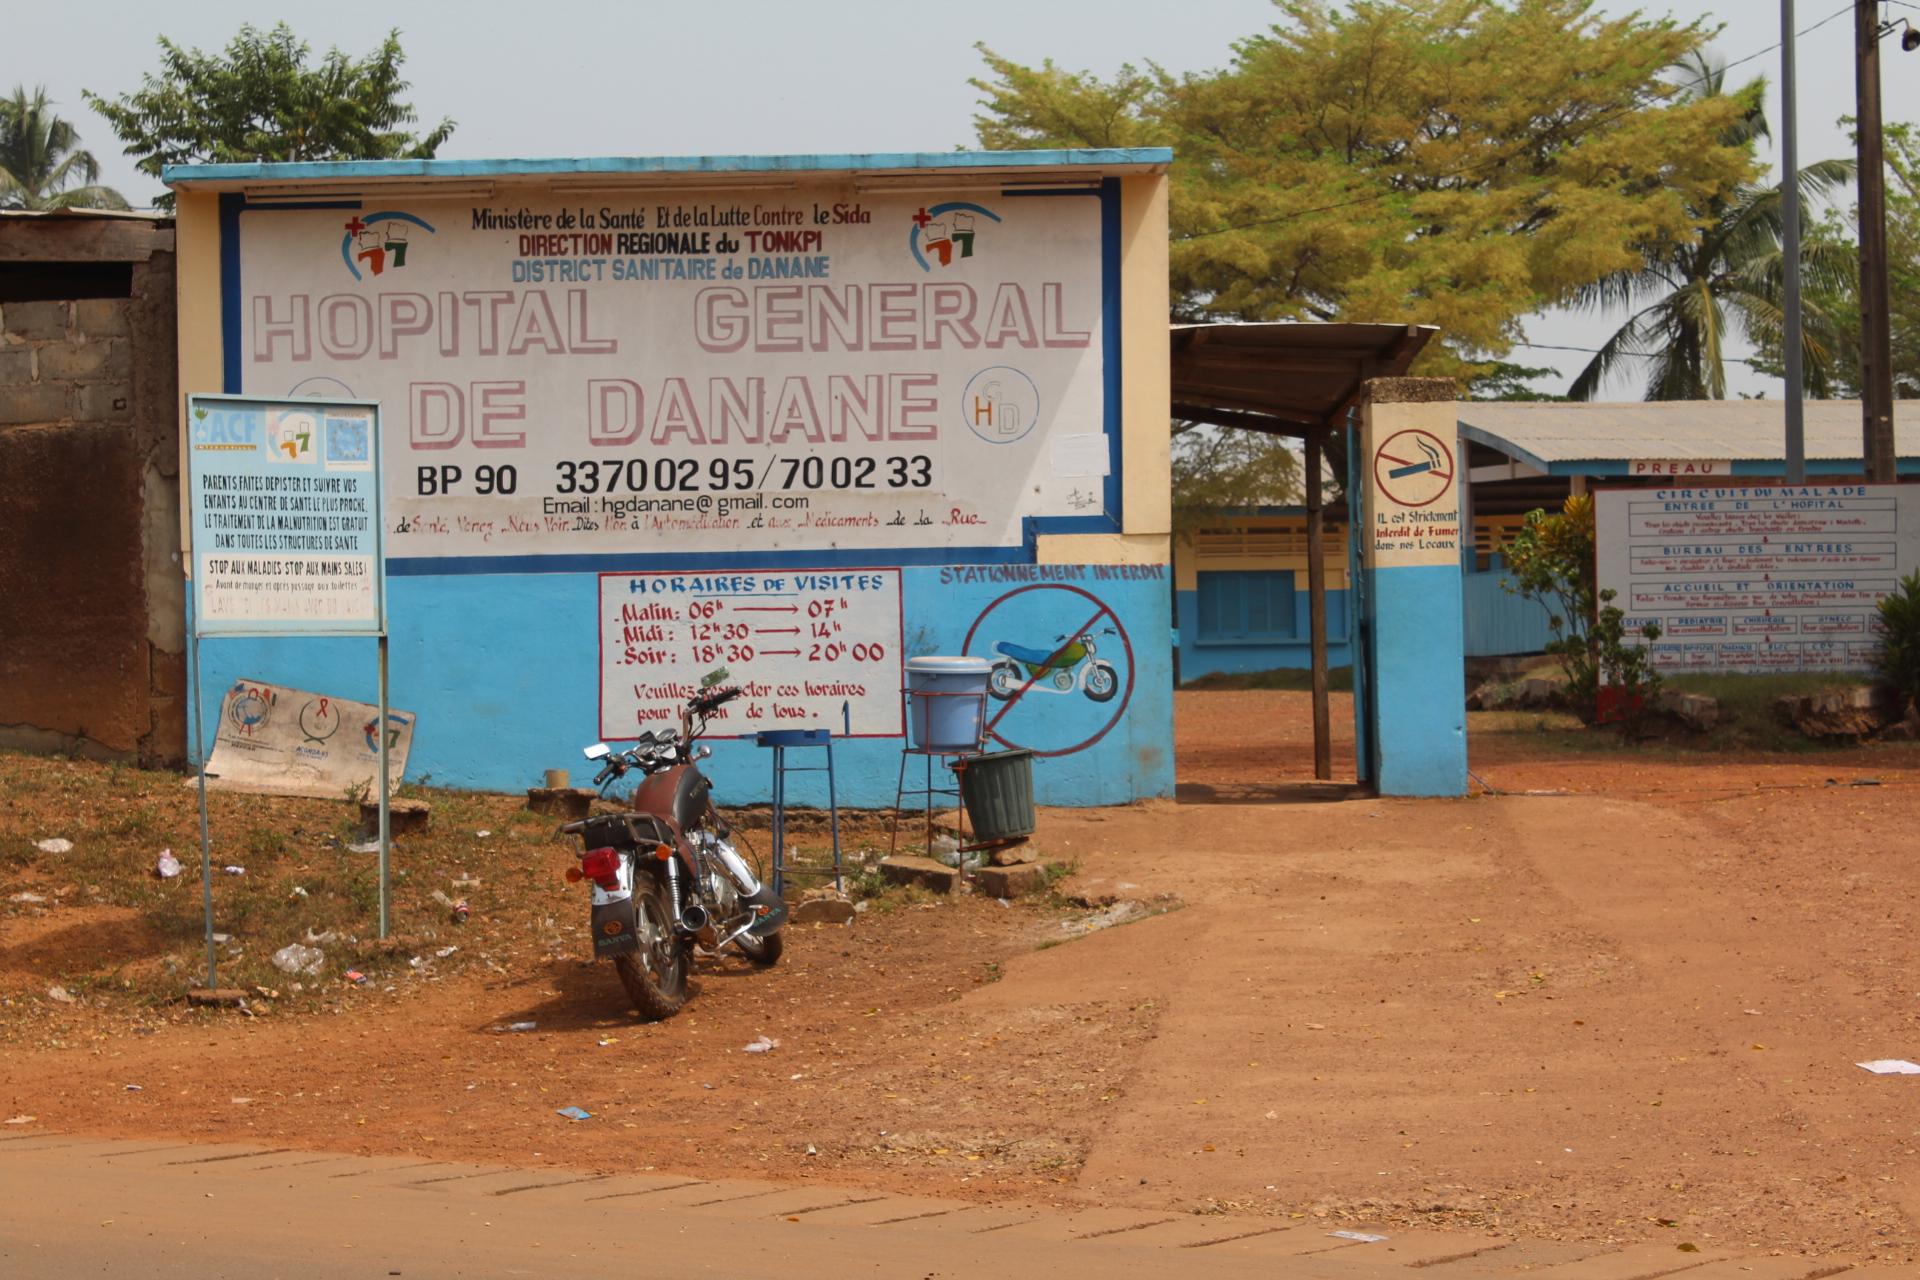 Culture et résilience sur fond de contraception en période de conflit armé.